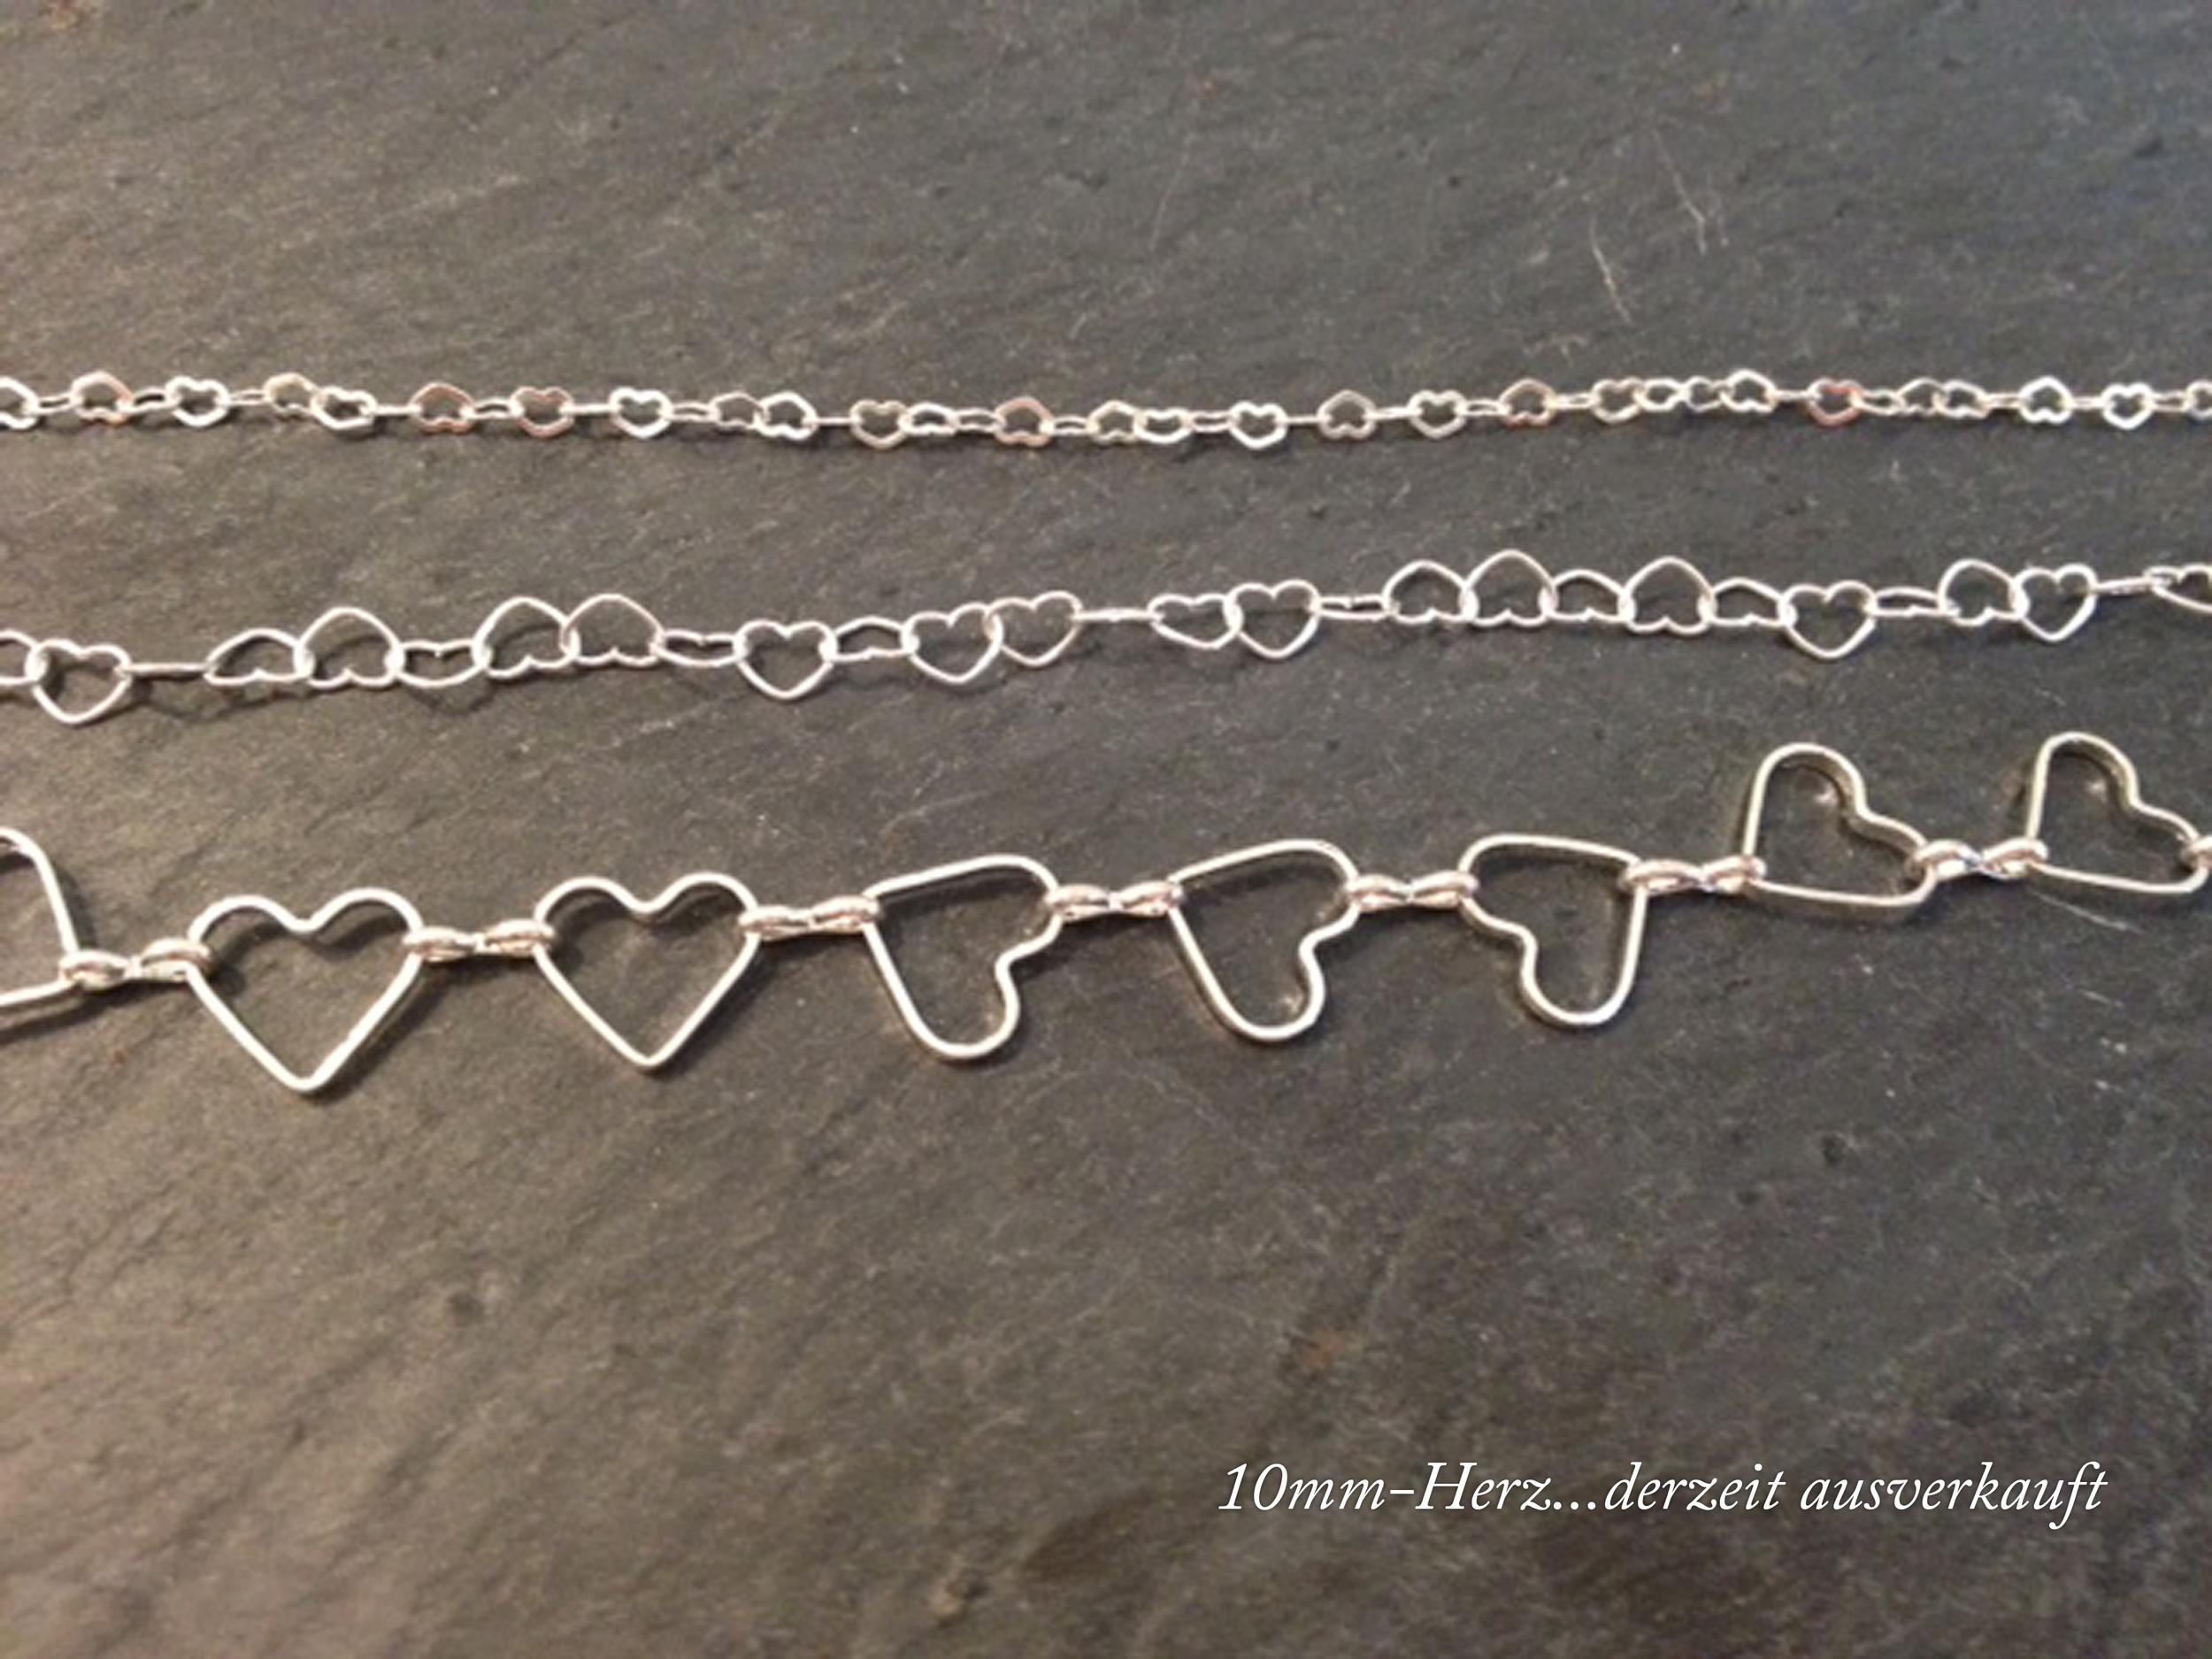 HEART TO HEART  Armband aus aneinandergereihten versilberten Herzen.  Herz (von oben nach unten): ca. 3mm , ca. 5mm, ca. 10mm   BESTELLEN >>   22€